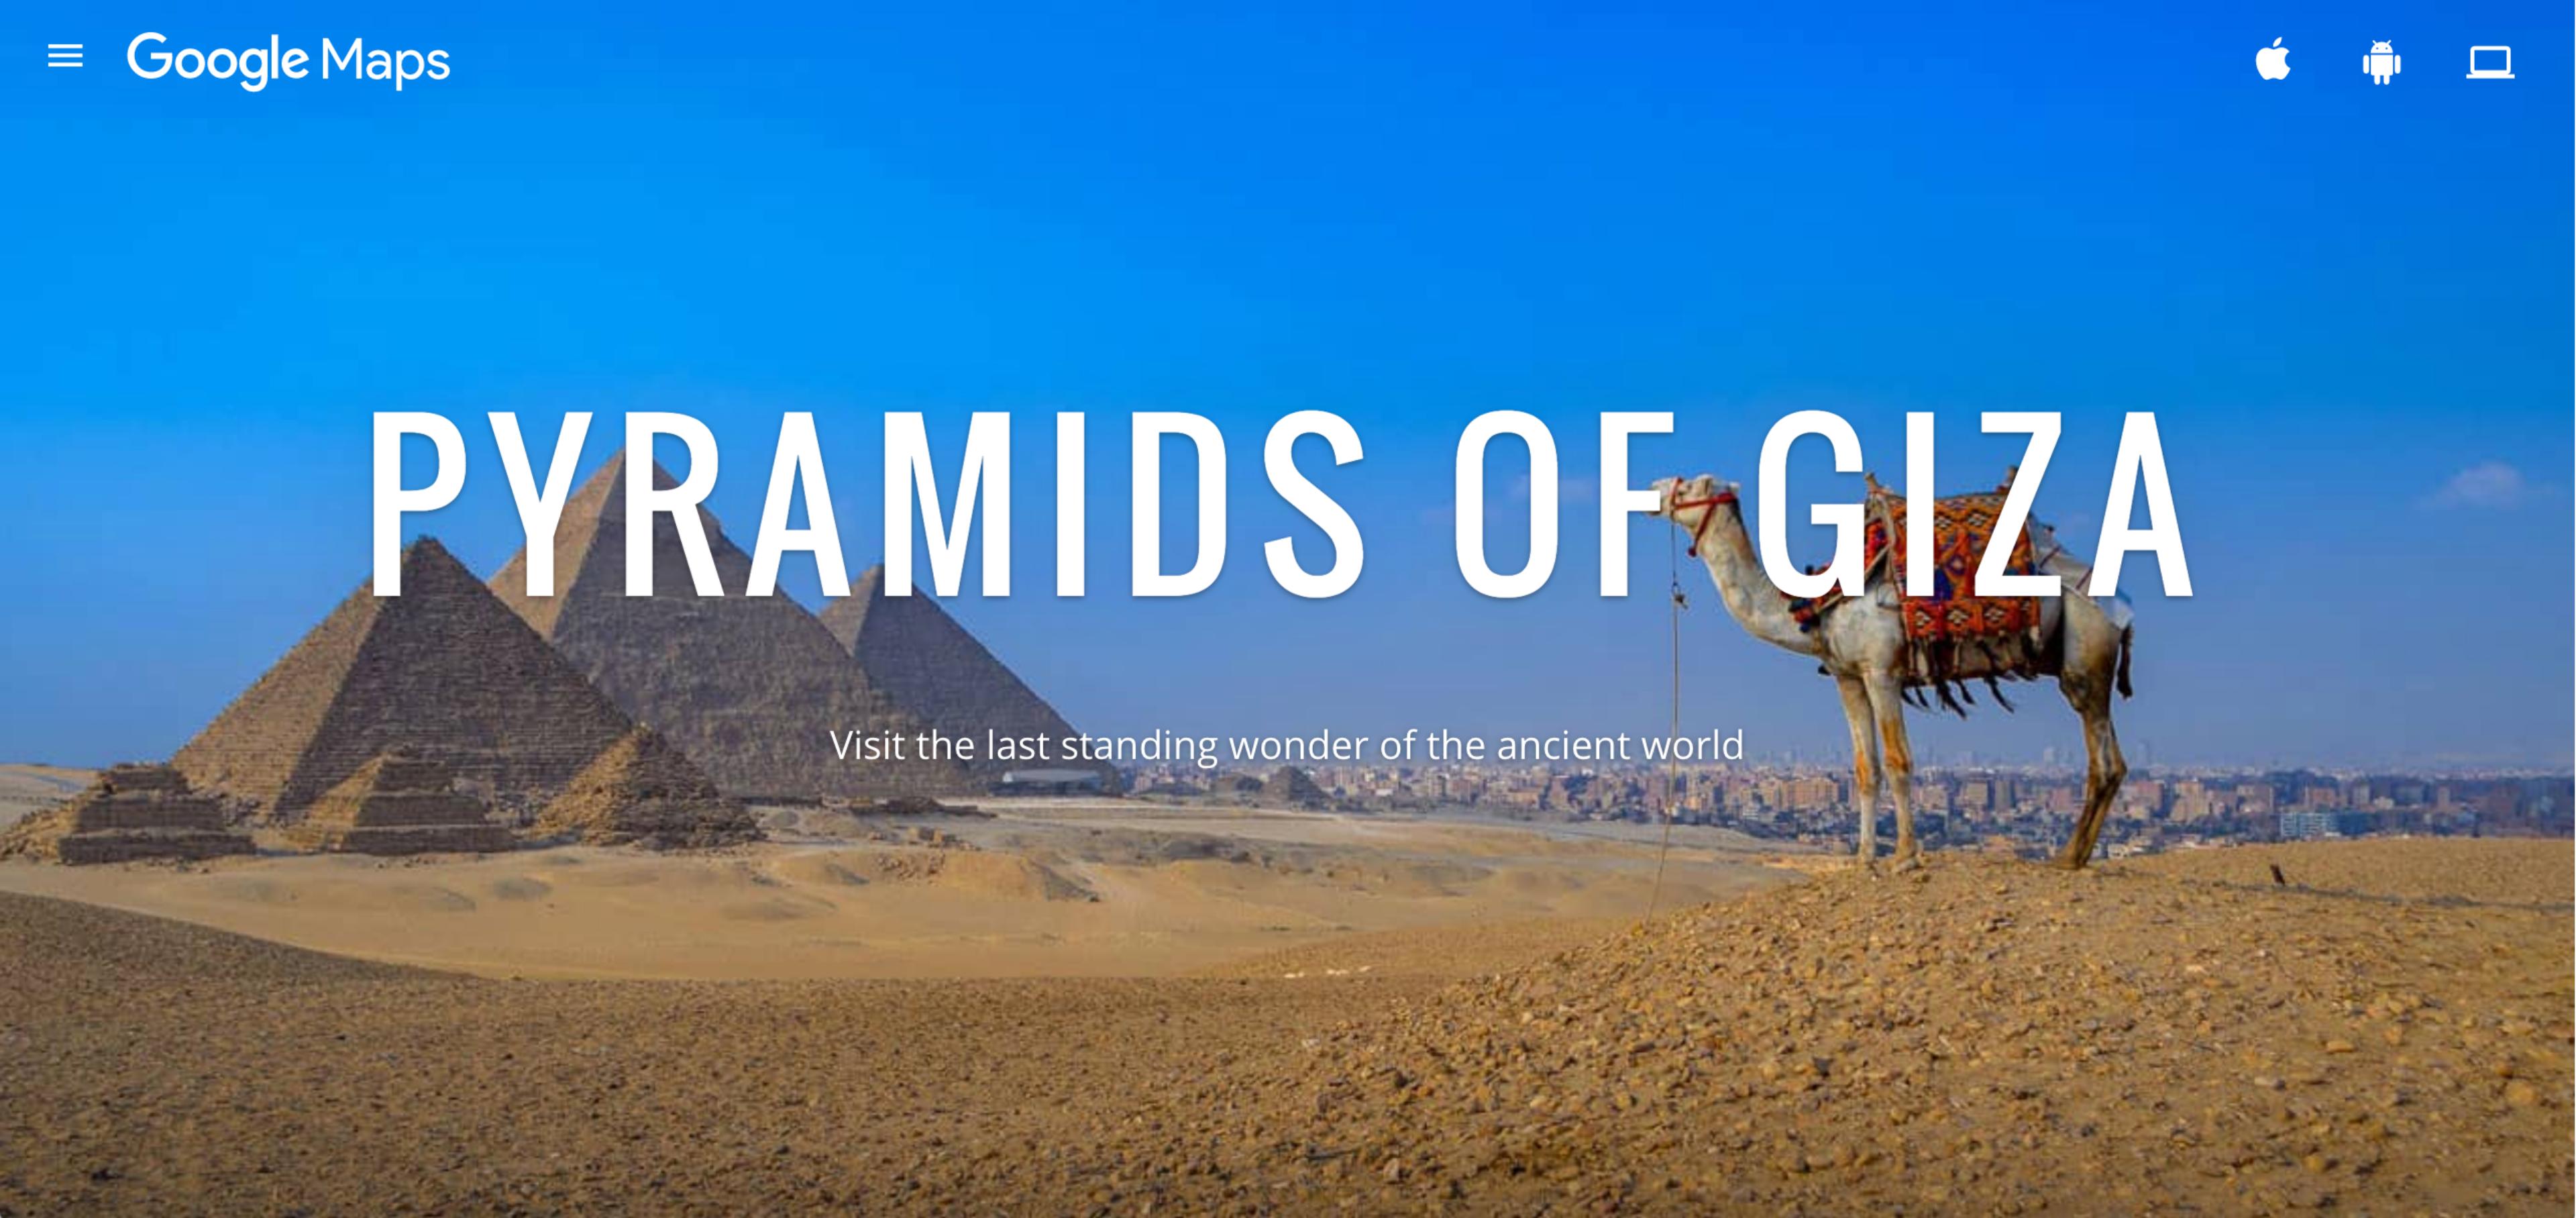 Pyramids of Giza screengrab